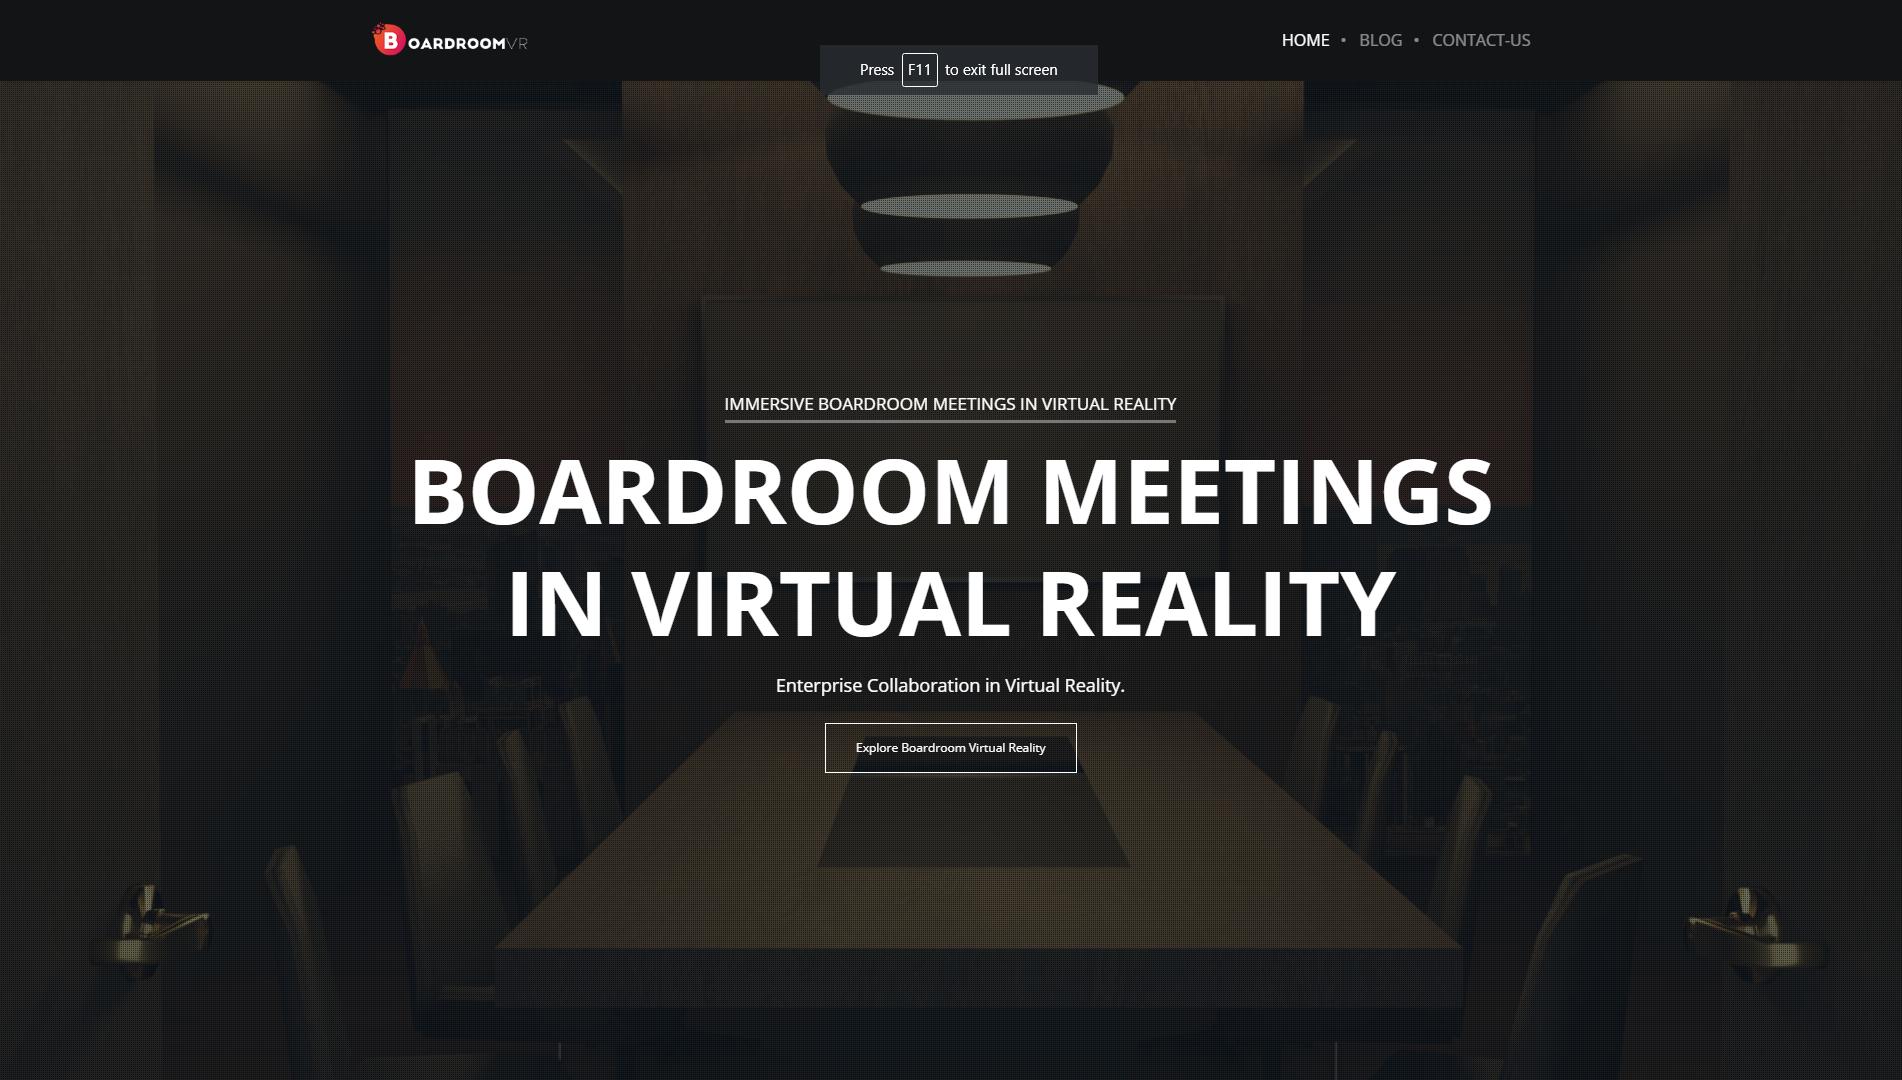 boardroom-vr